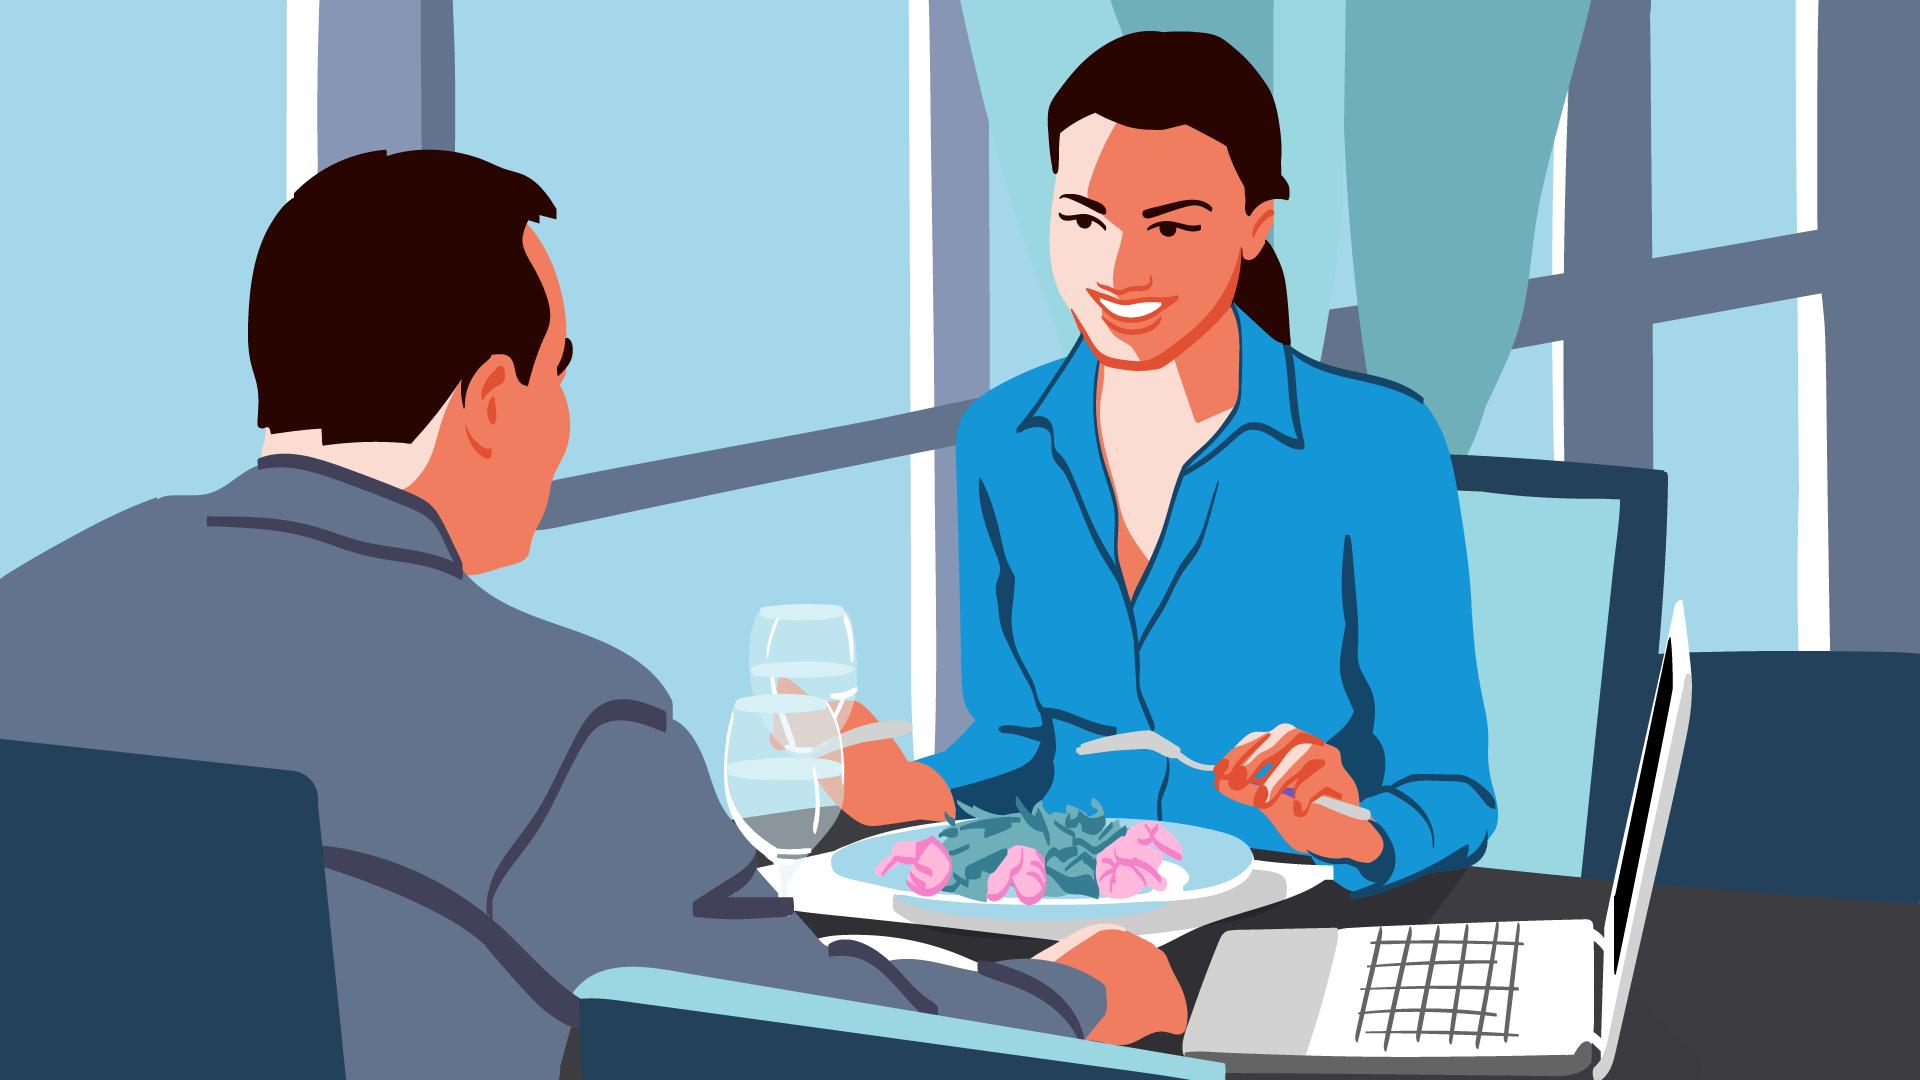 Zwei Geschäftsleute beim Essen: Der Verpflegungsmehraufwand sollte innerhalb der Reisekostenabrechnung berücksichtigt werden.